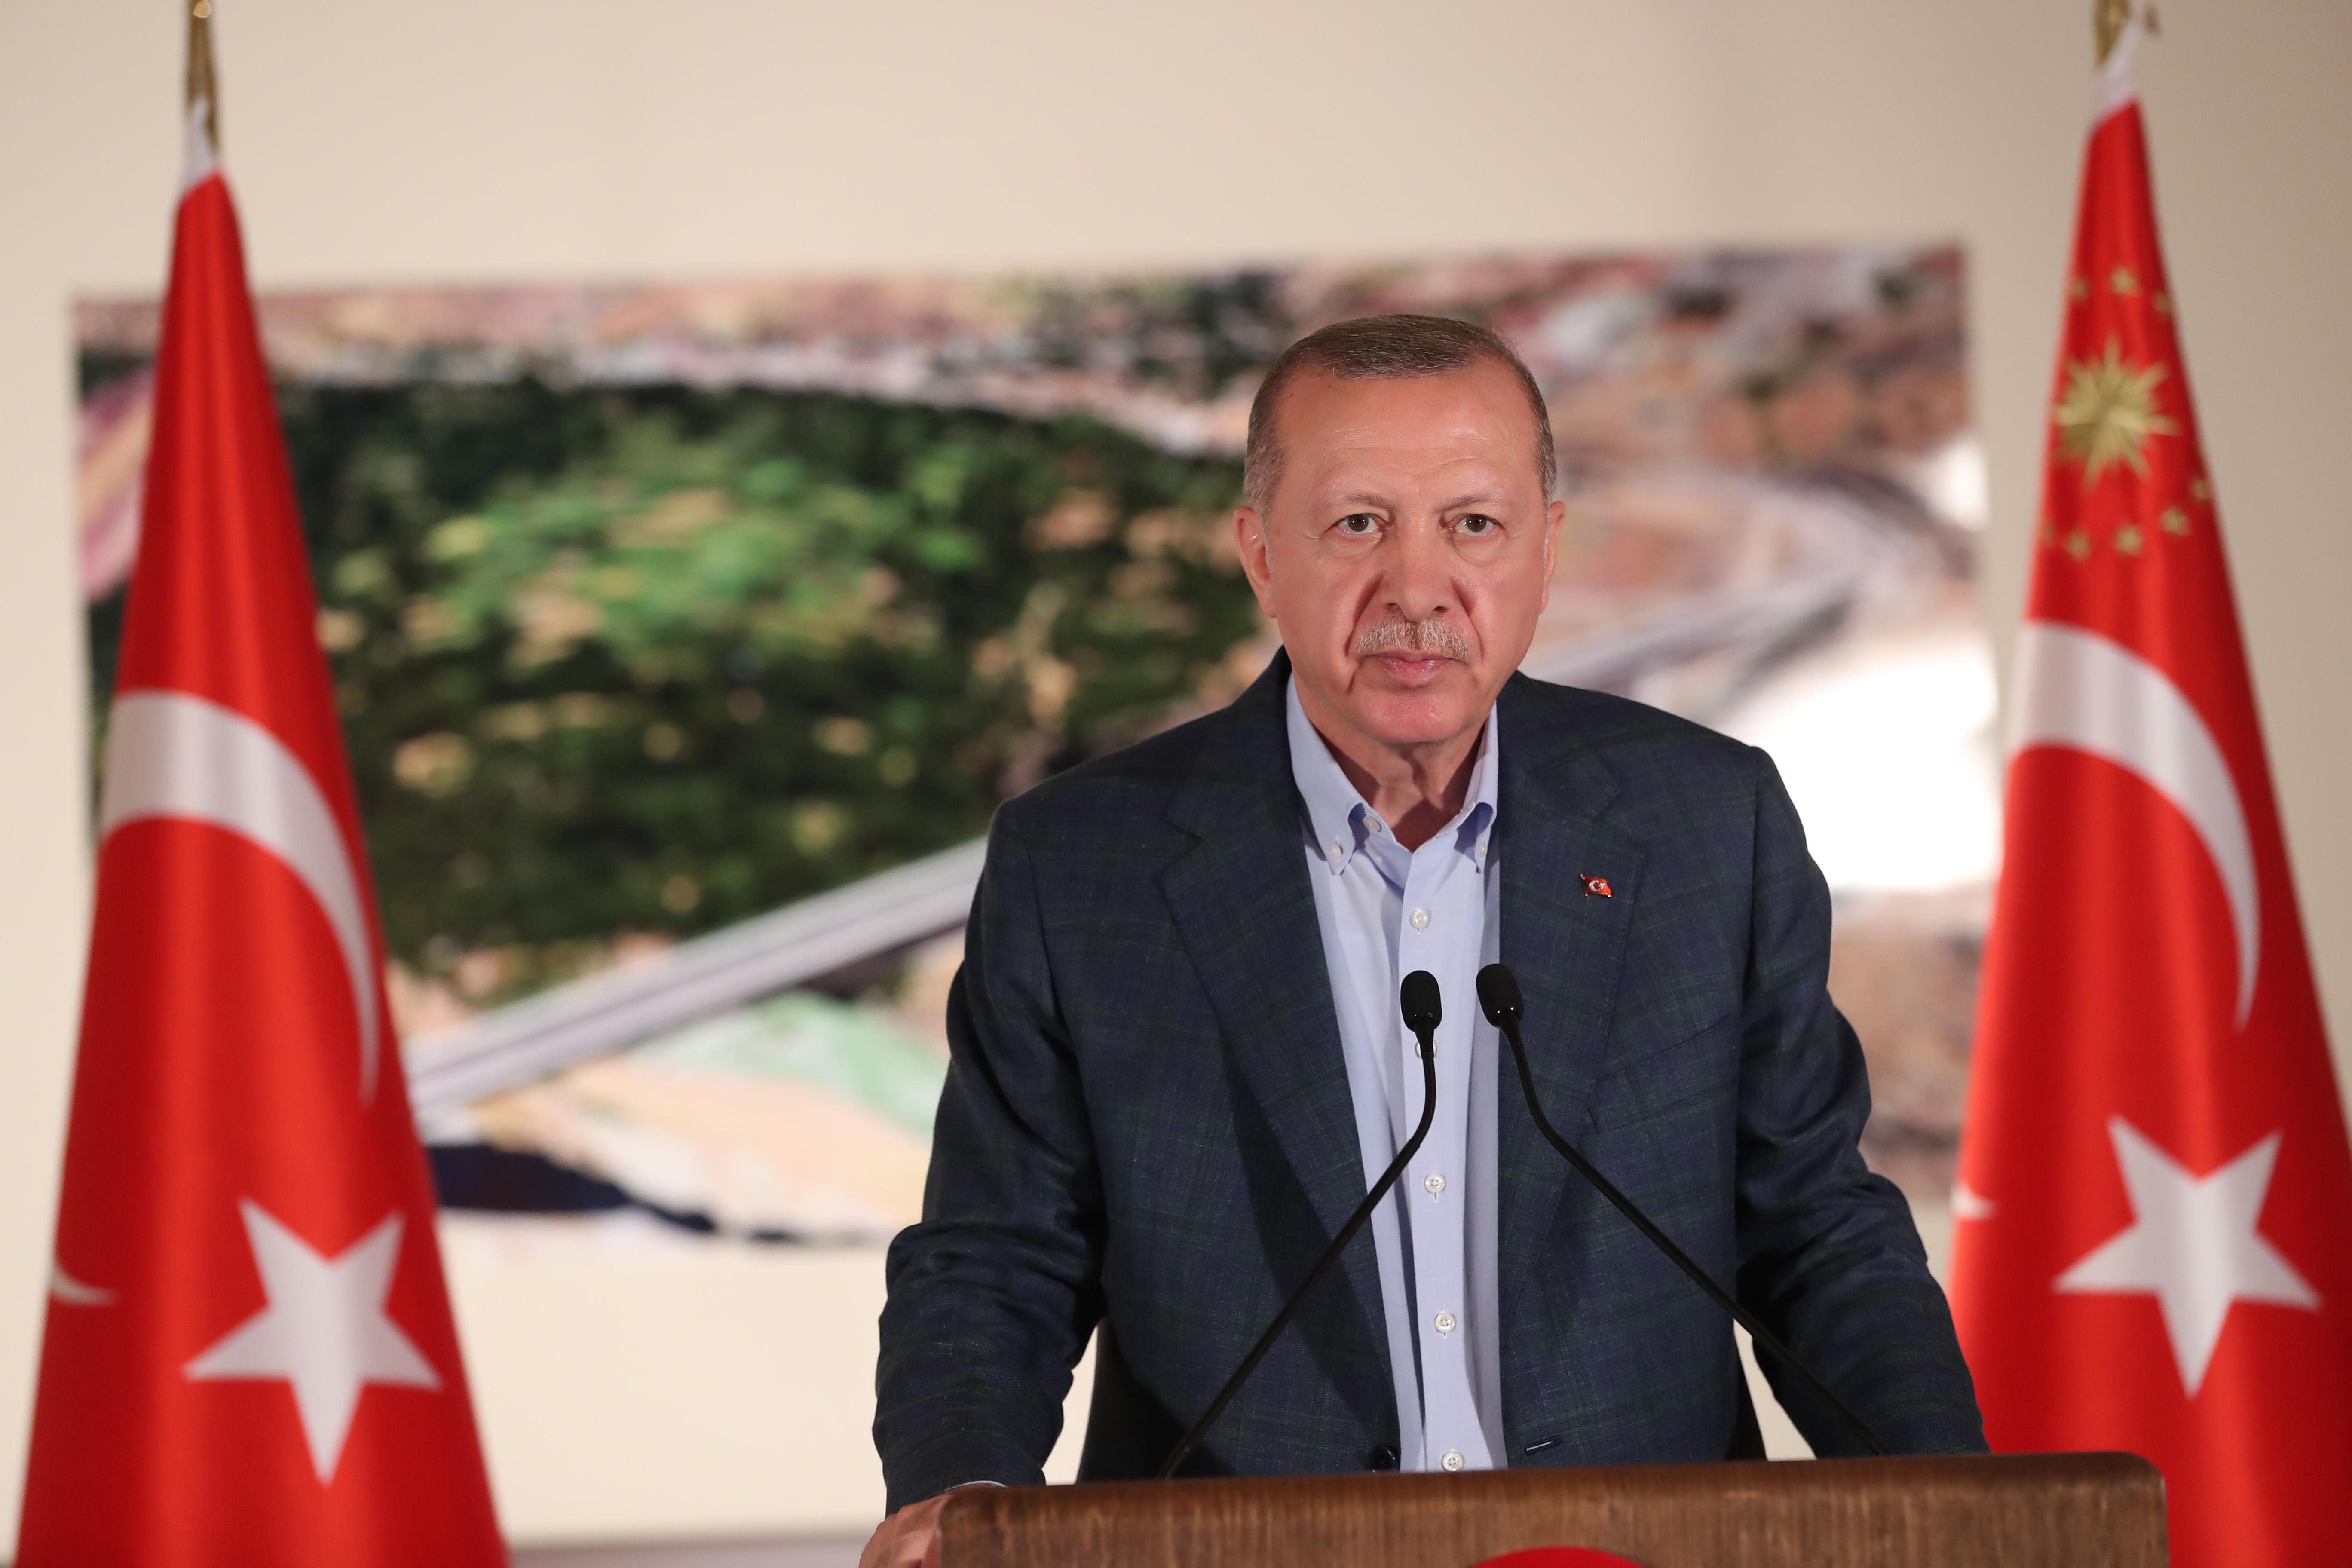 Erdoğan'dan Ayasofya açıklaması: Milletimizin sesine kulak vererek bu kararı aldık